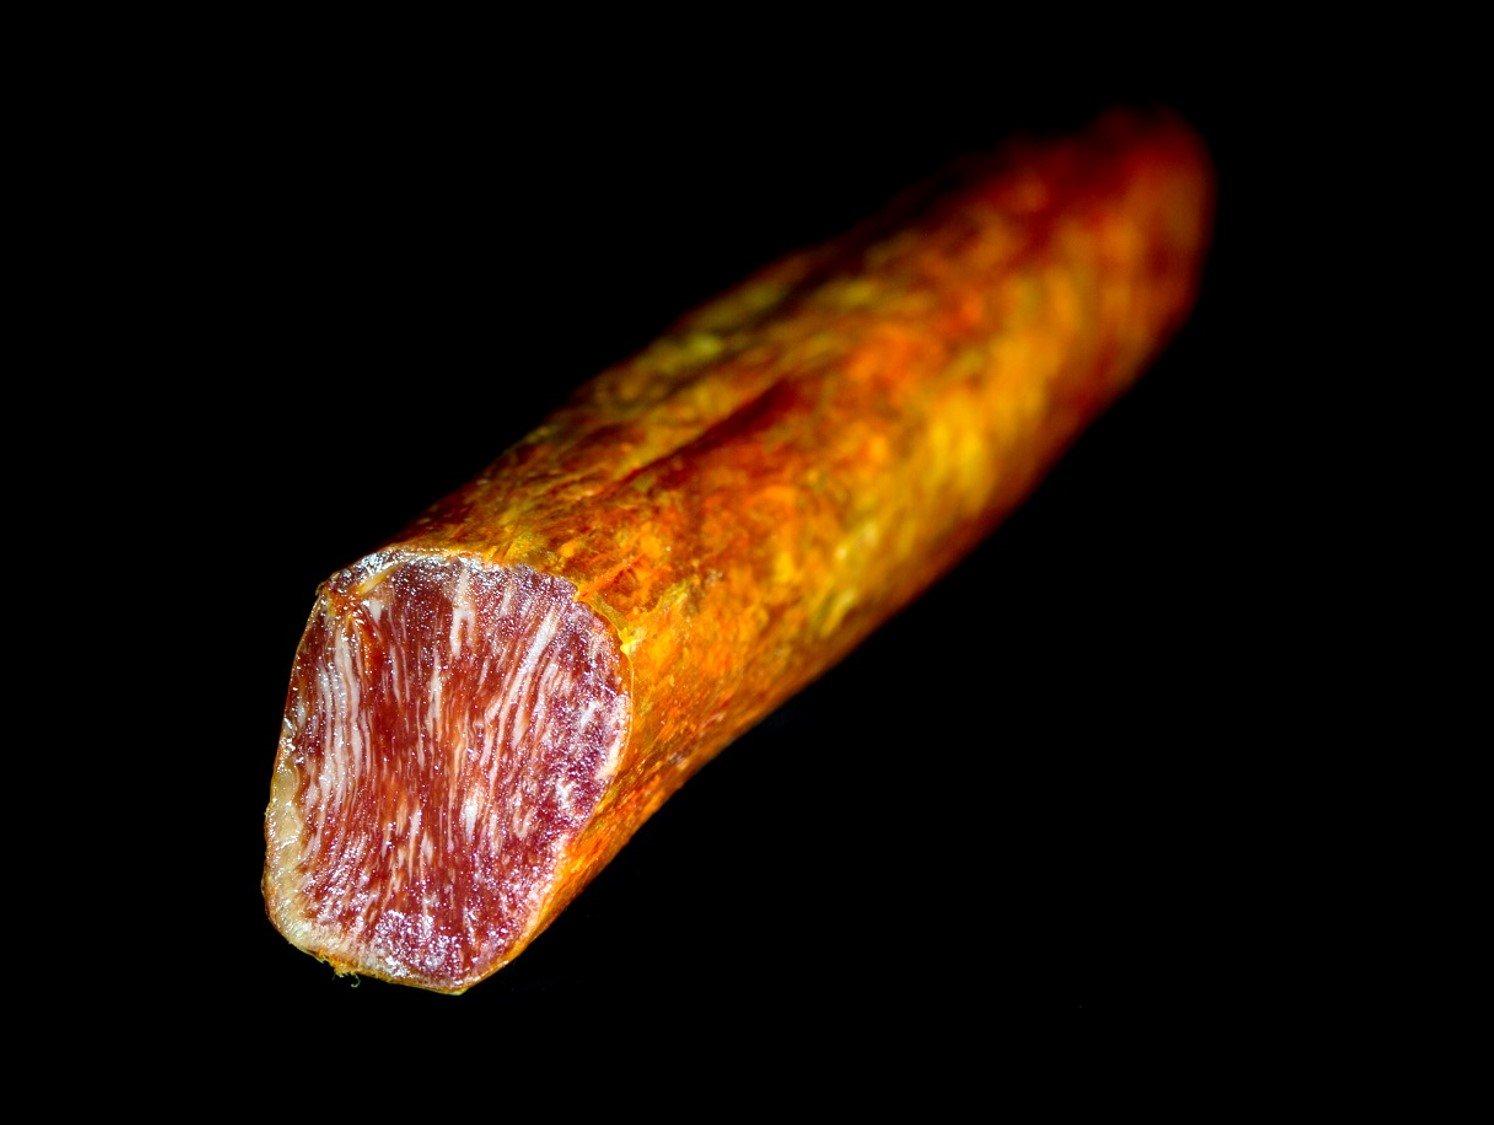 Lomo Ibérico 100% de Bellota | Pork Loin